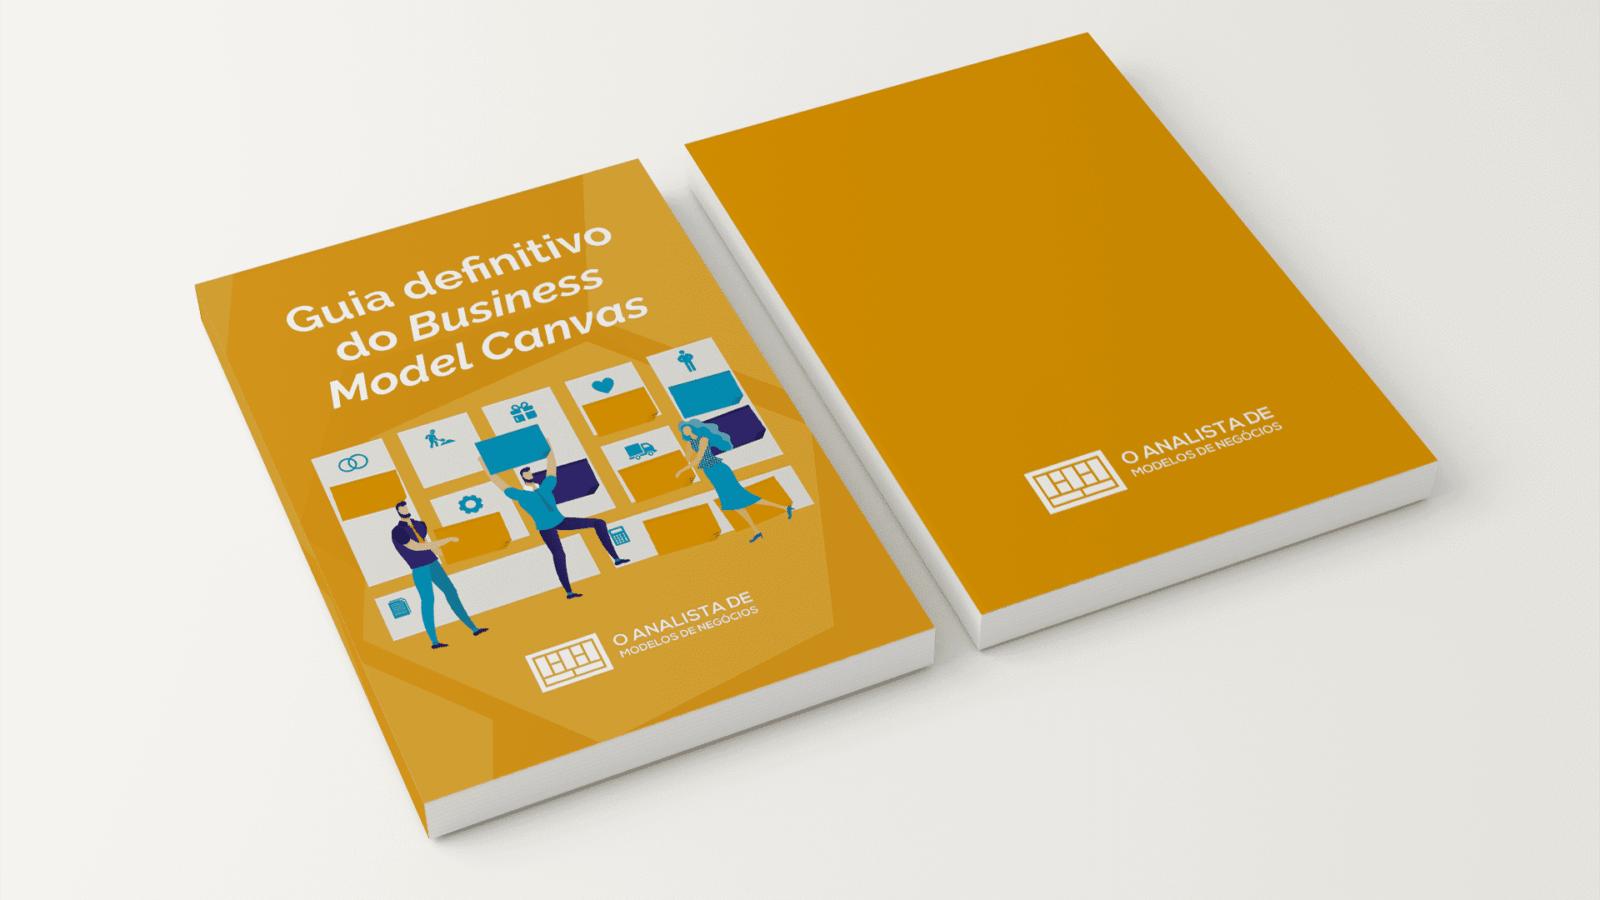 eBook Guia Definitivo do Business Model Canvas